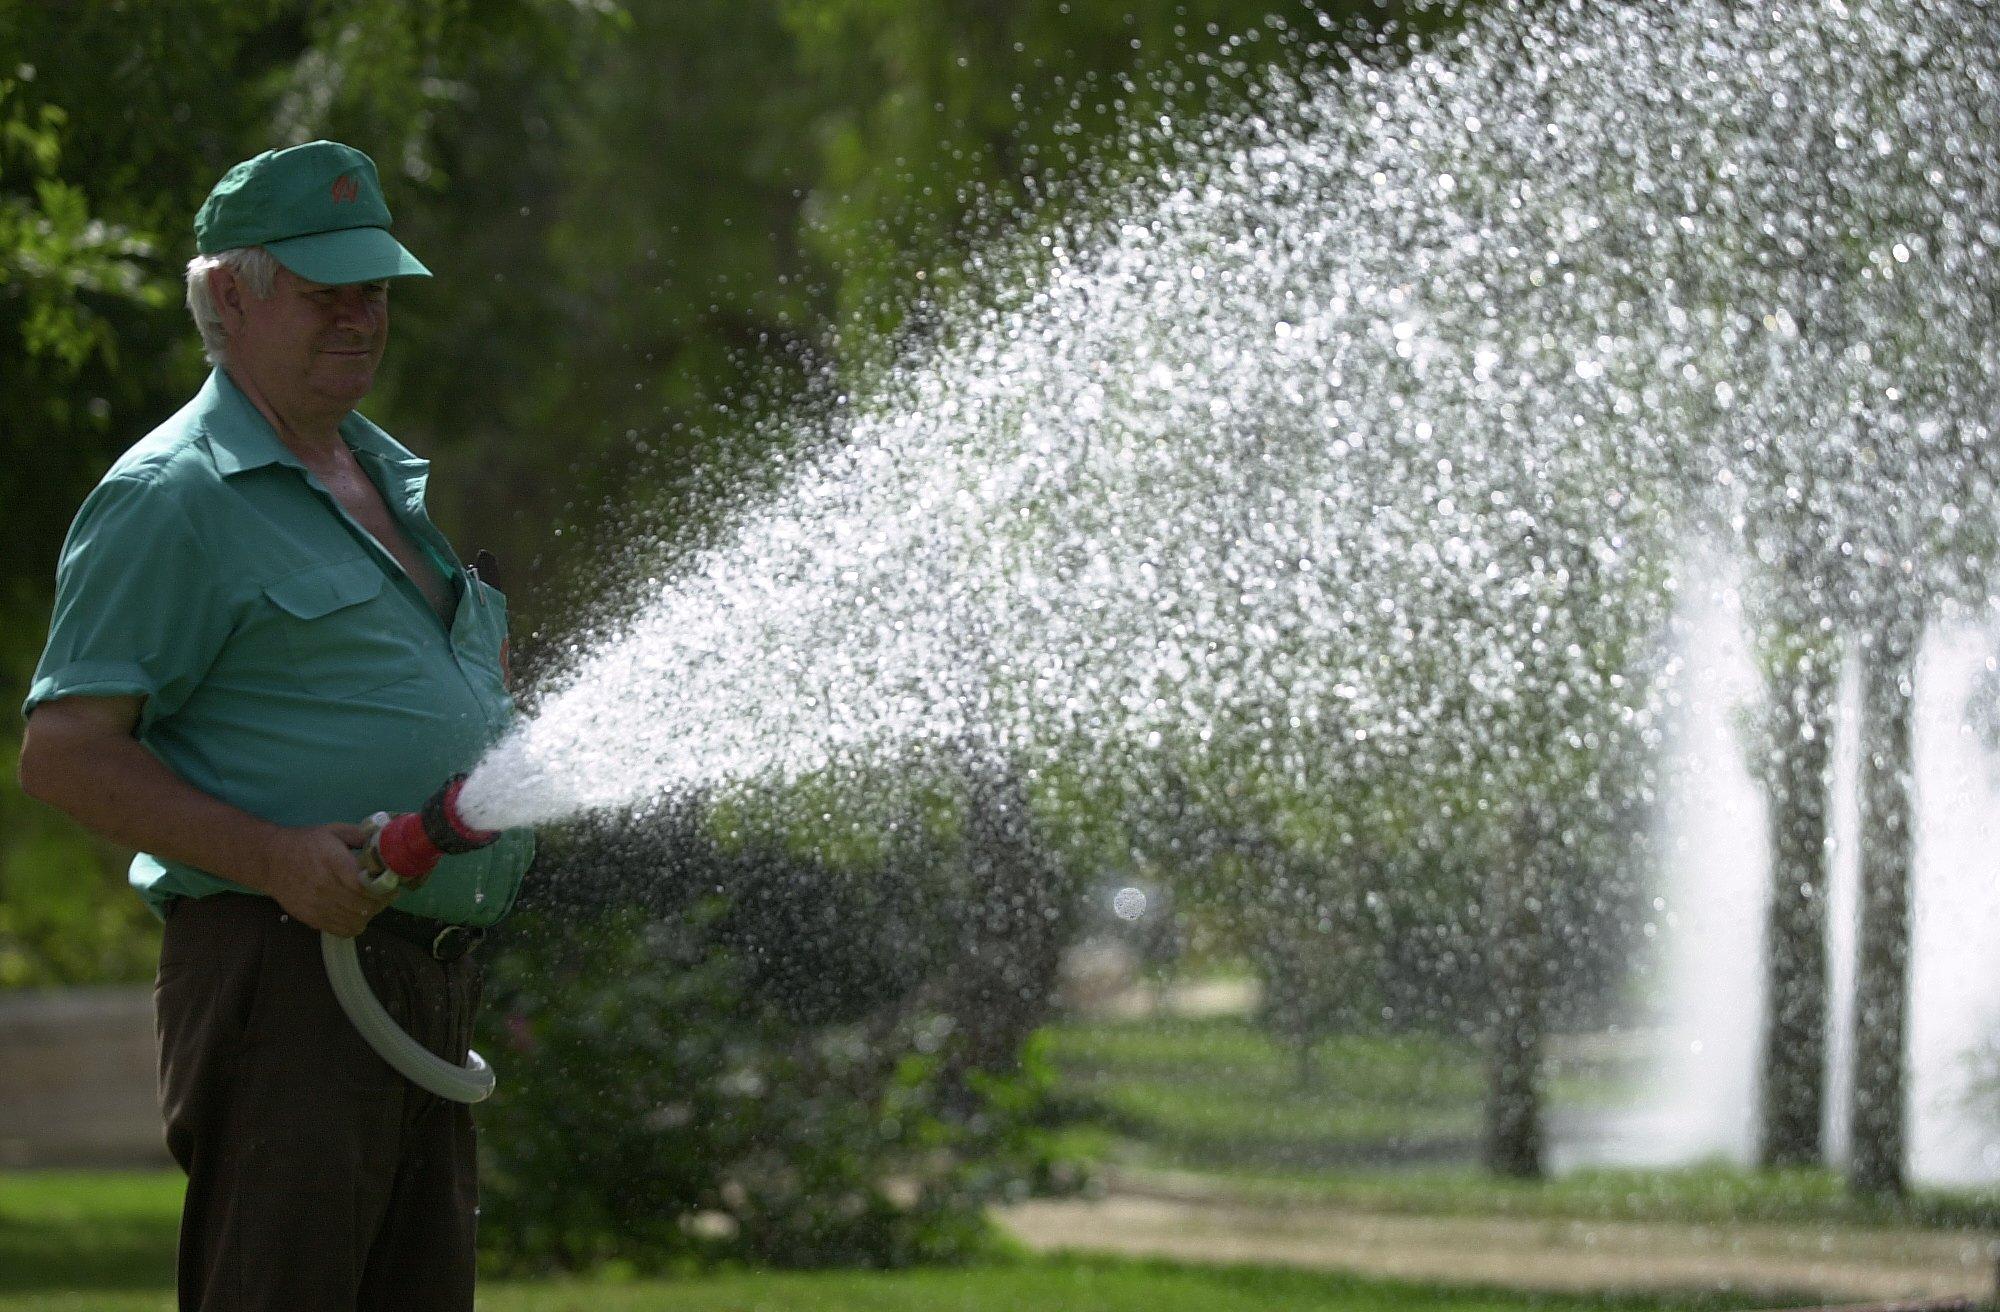 Derroche de agua un delito ambiental gente de cabecera for Riego de jardines